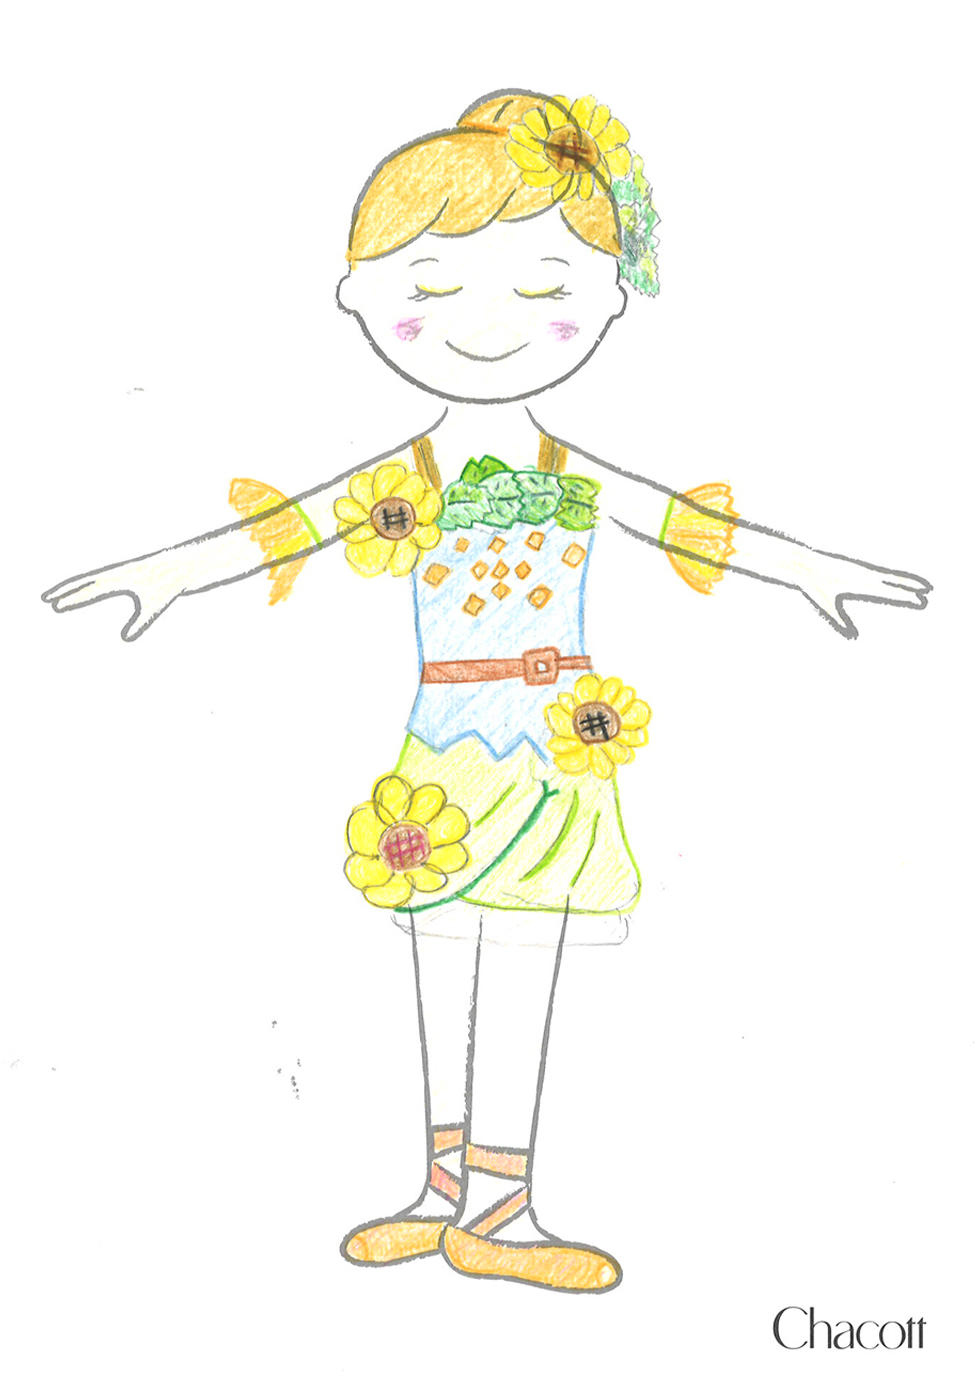 okayama_costume_design_2020_5.jpg